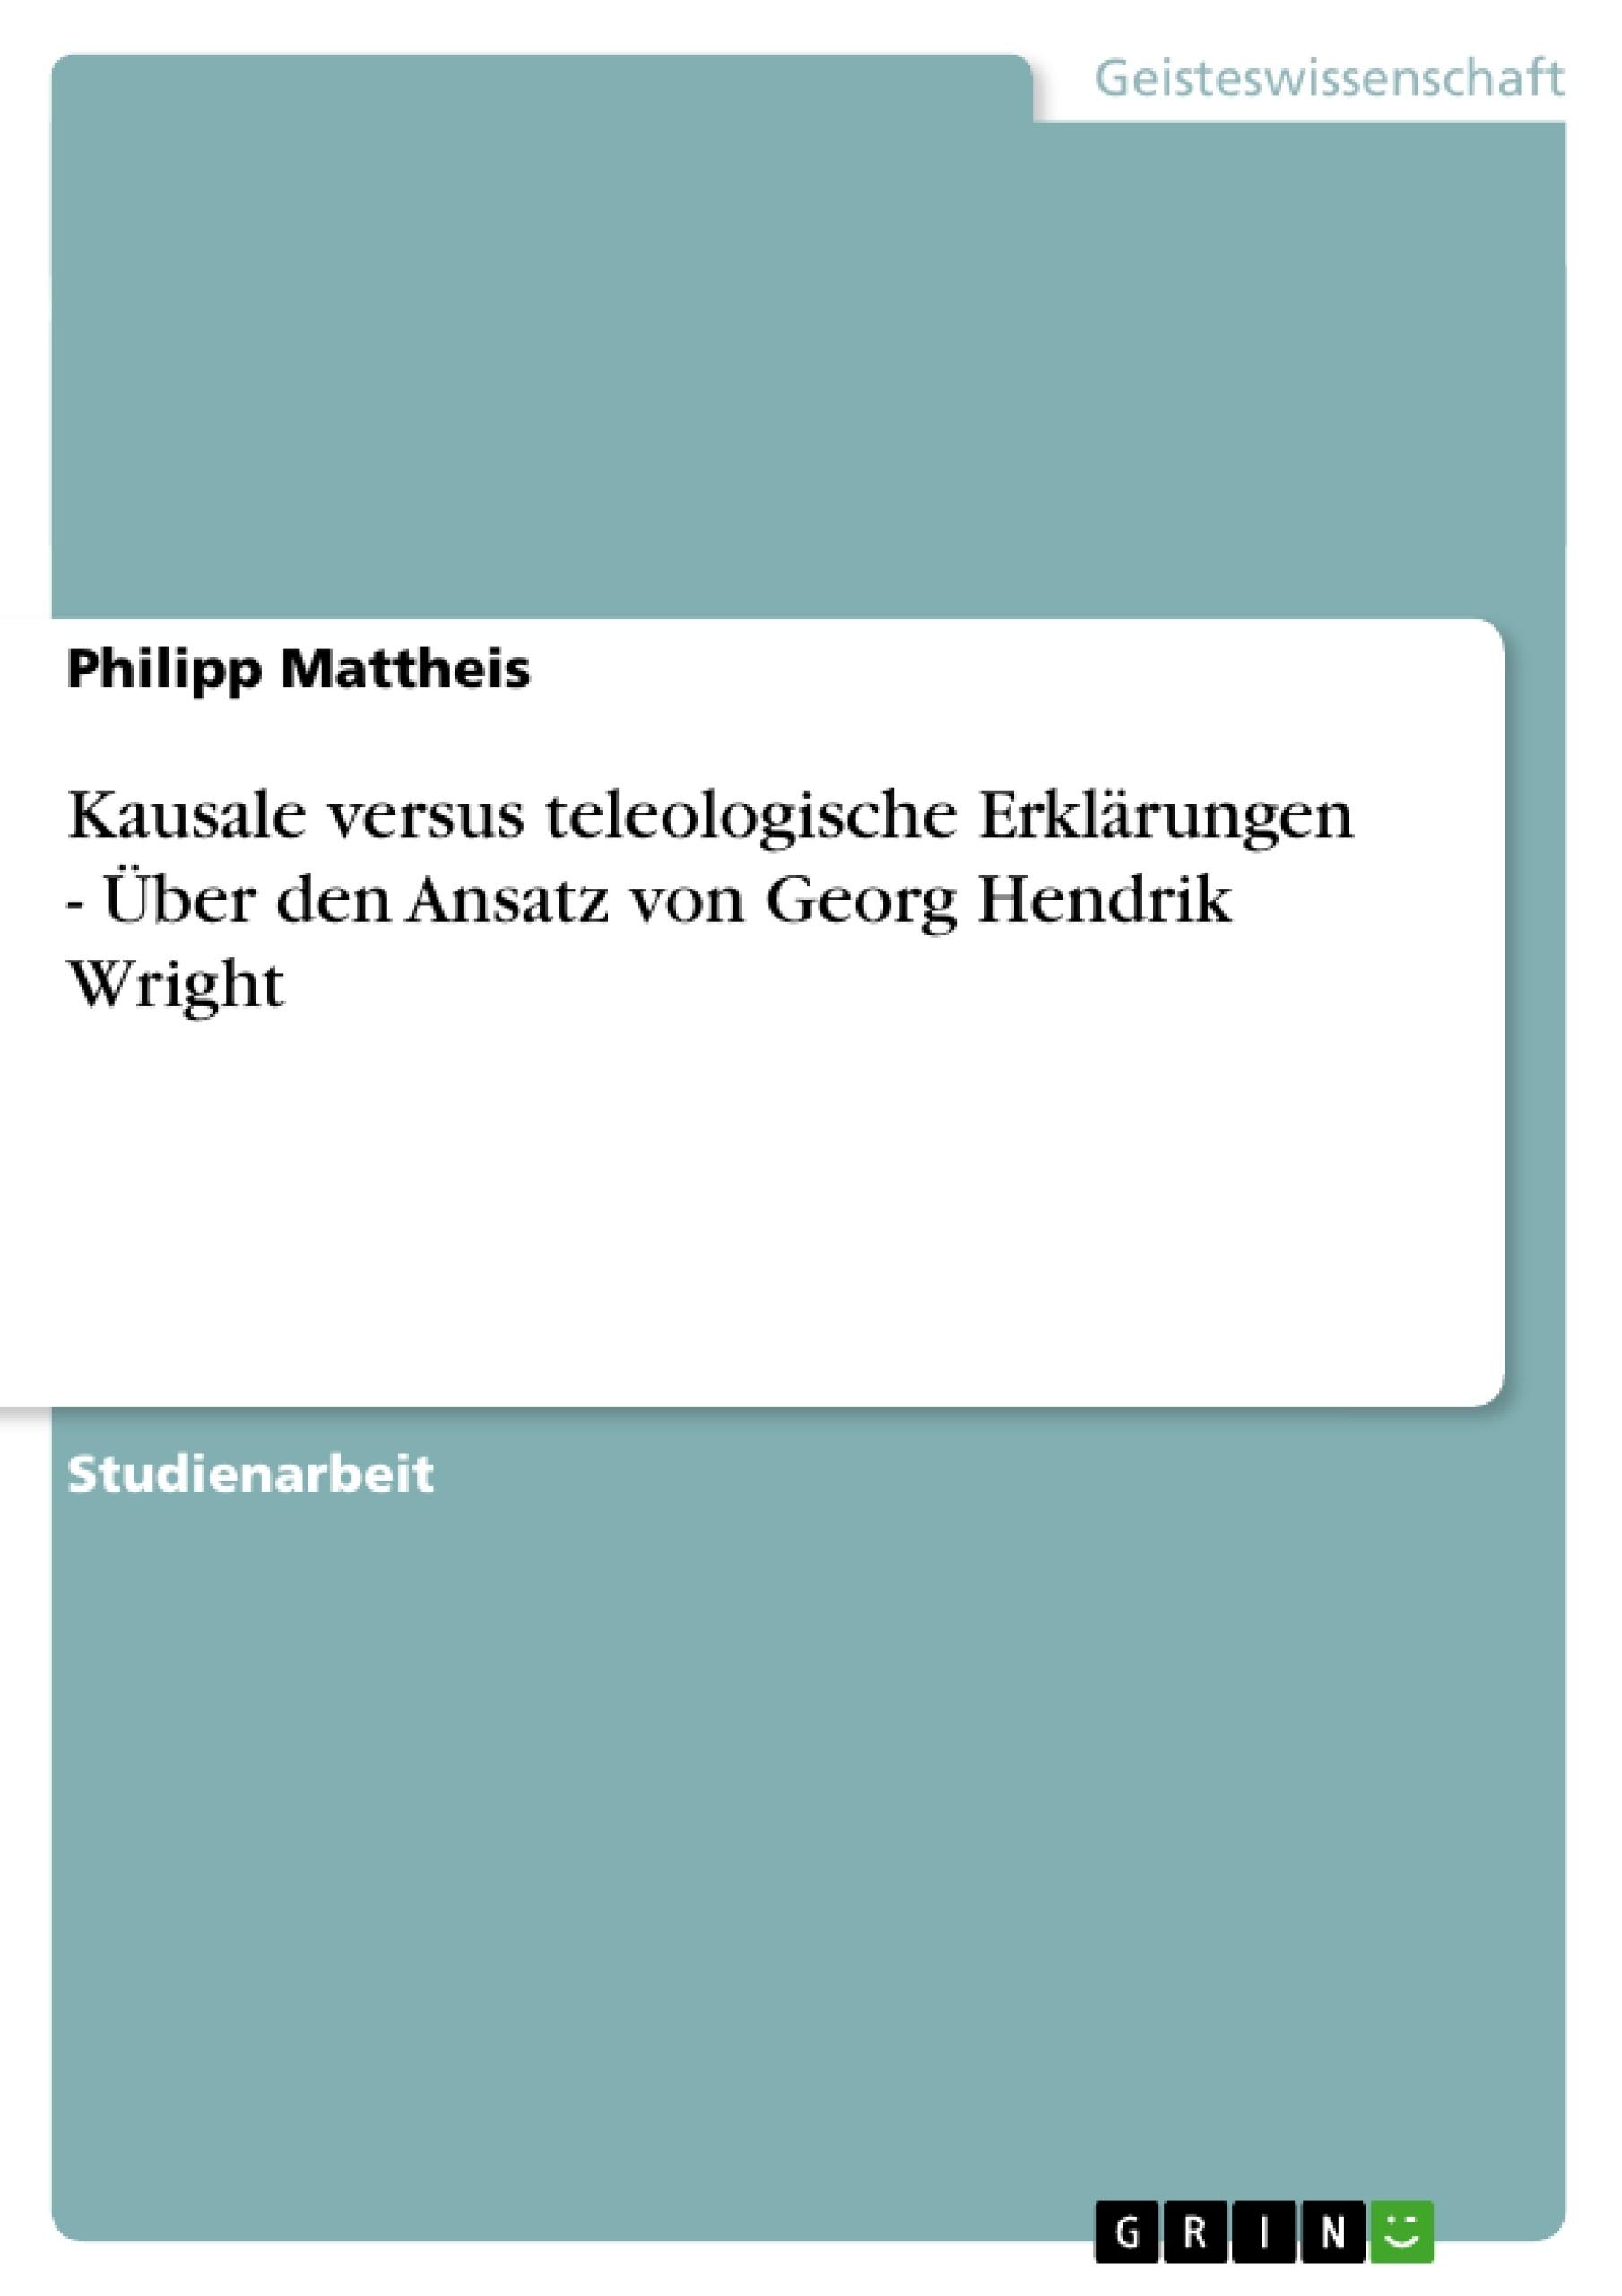 Titel: Kausale versus teleologische Erklärungen - Über den Ansatz von Georg Hendrik Wright